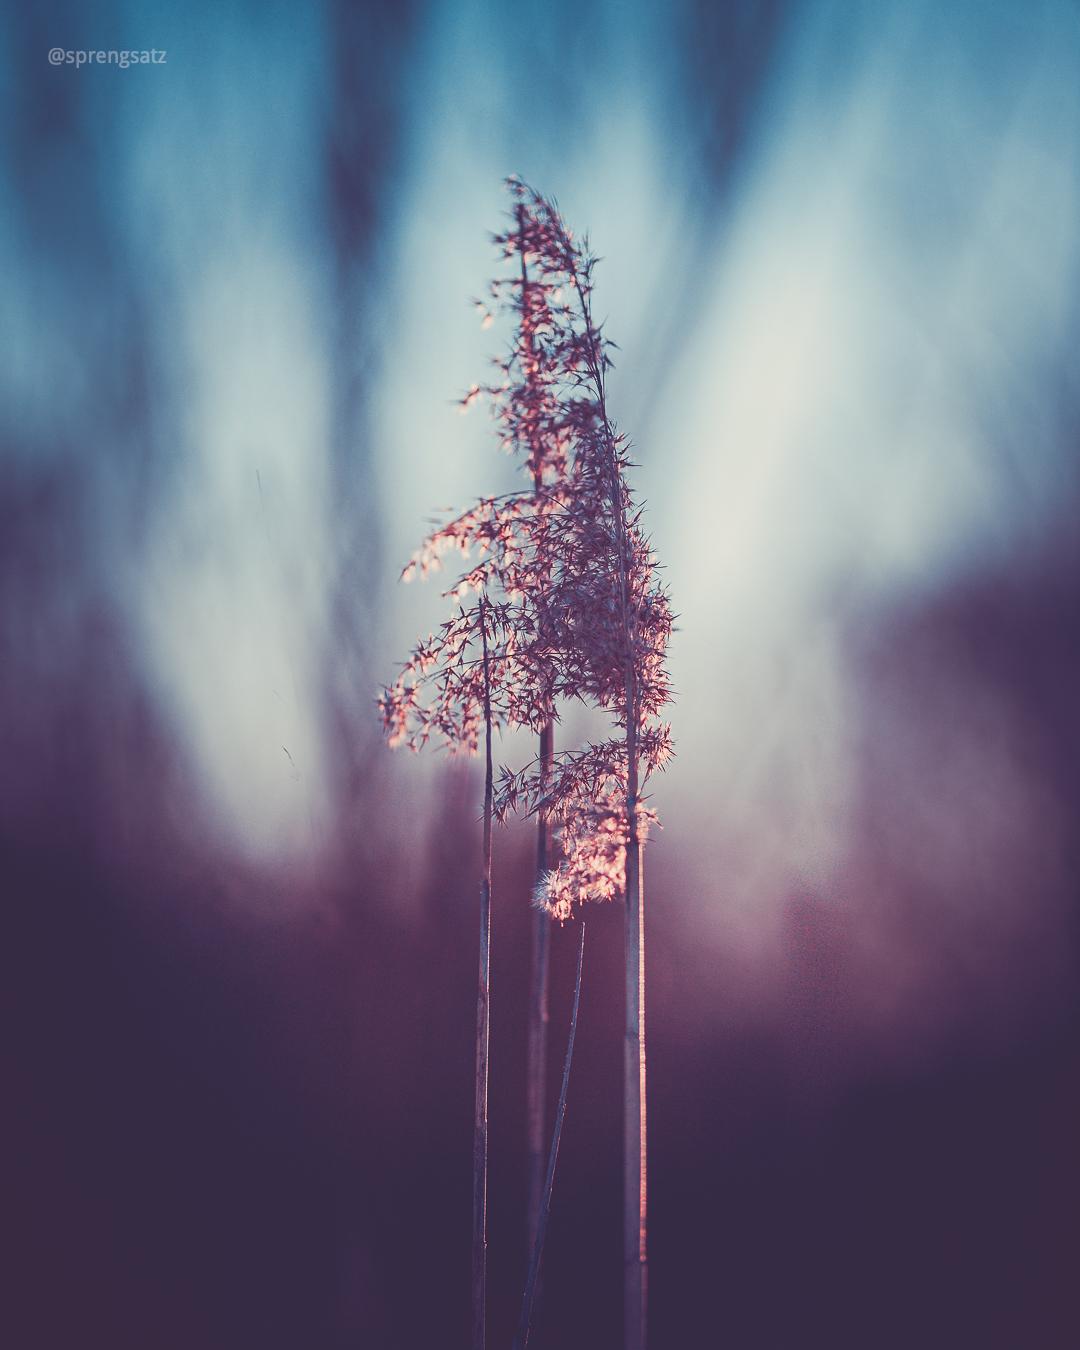 Pflanze vor unscharfem Hintergrund